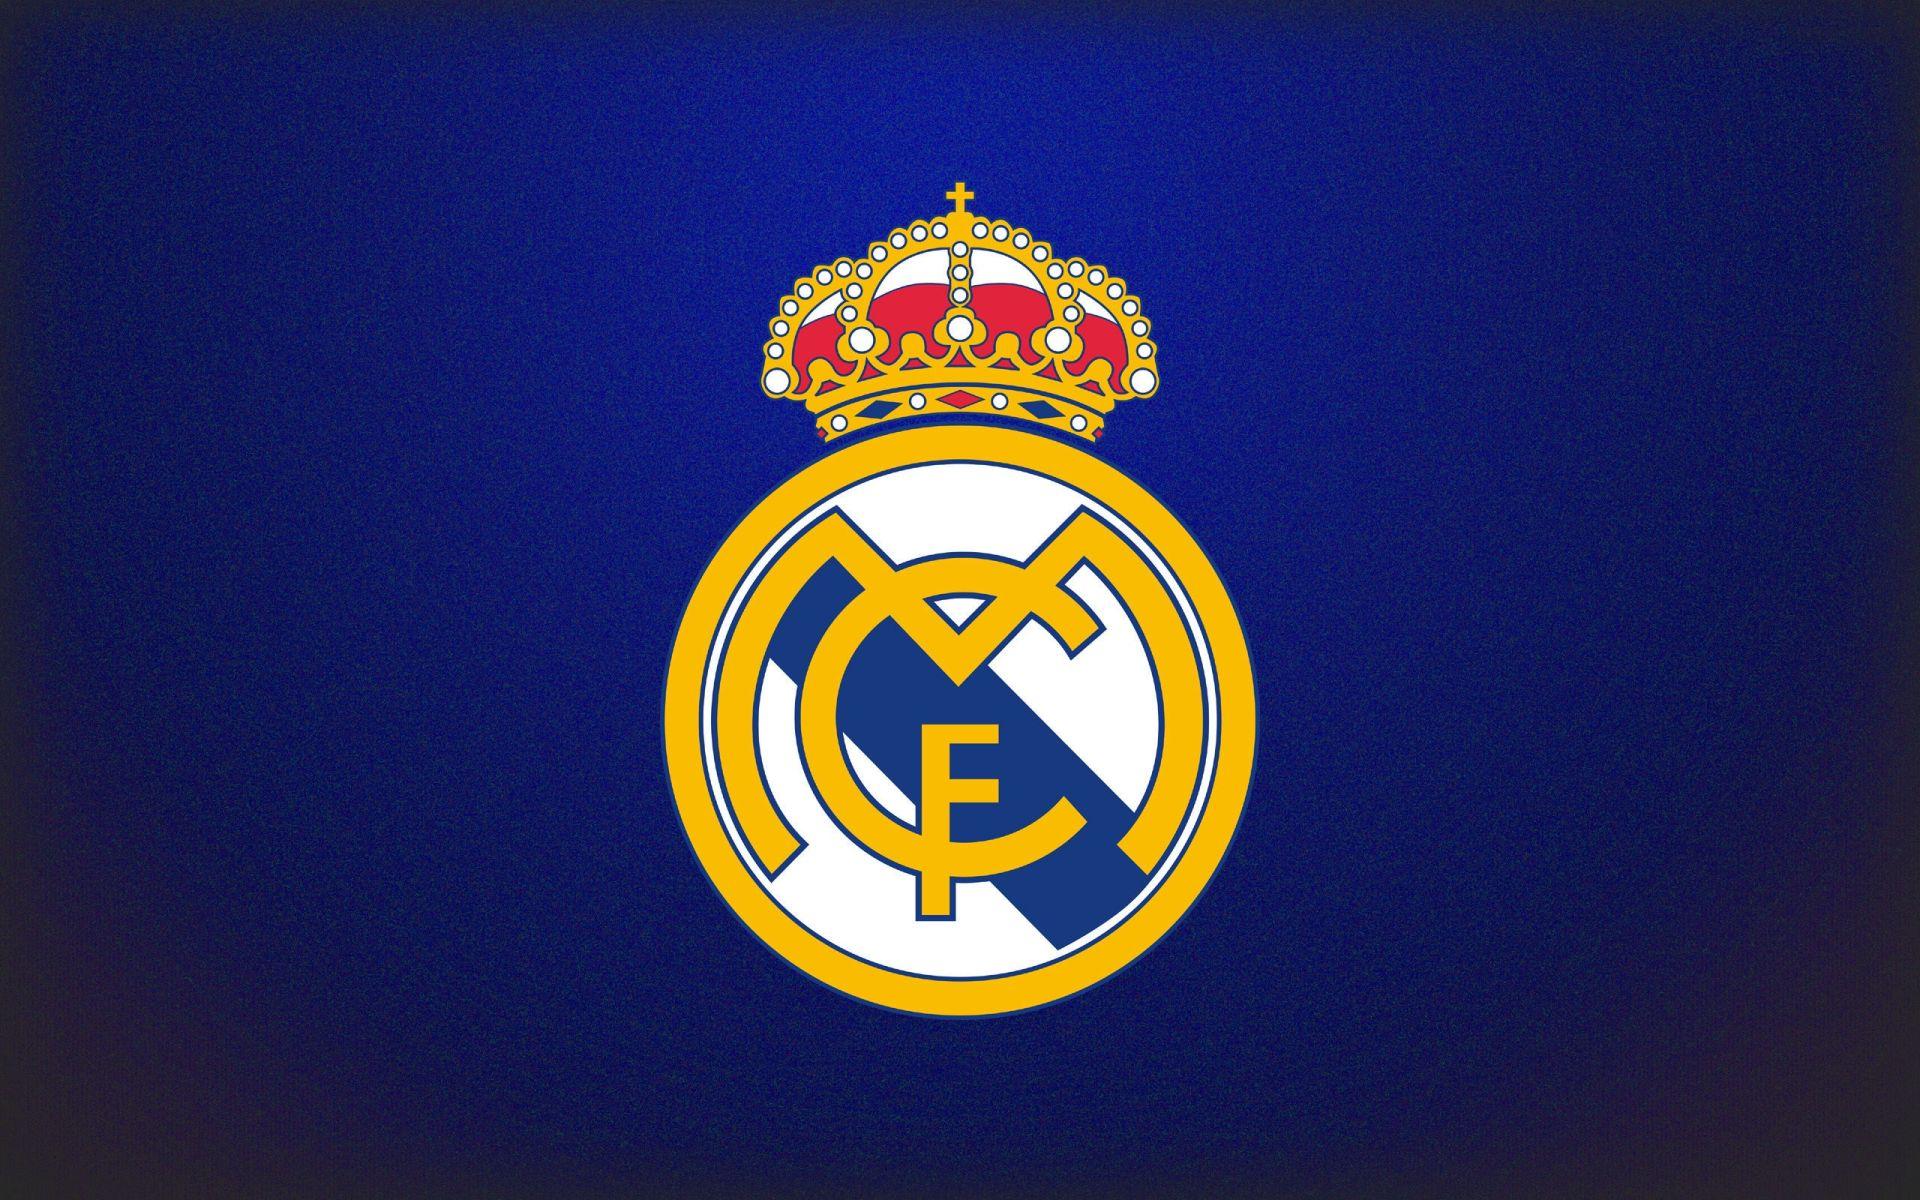 Обои футбольного клуба реал мадрид